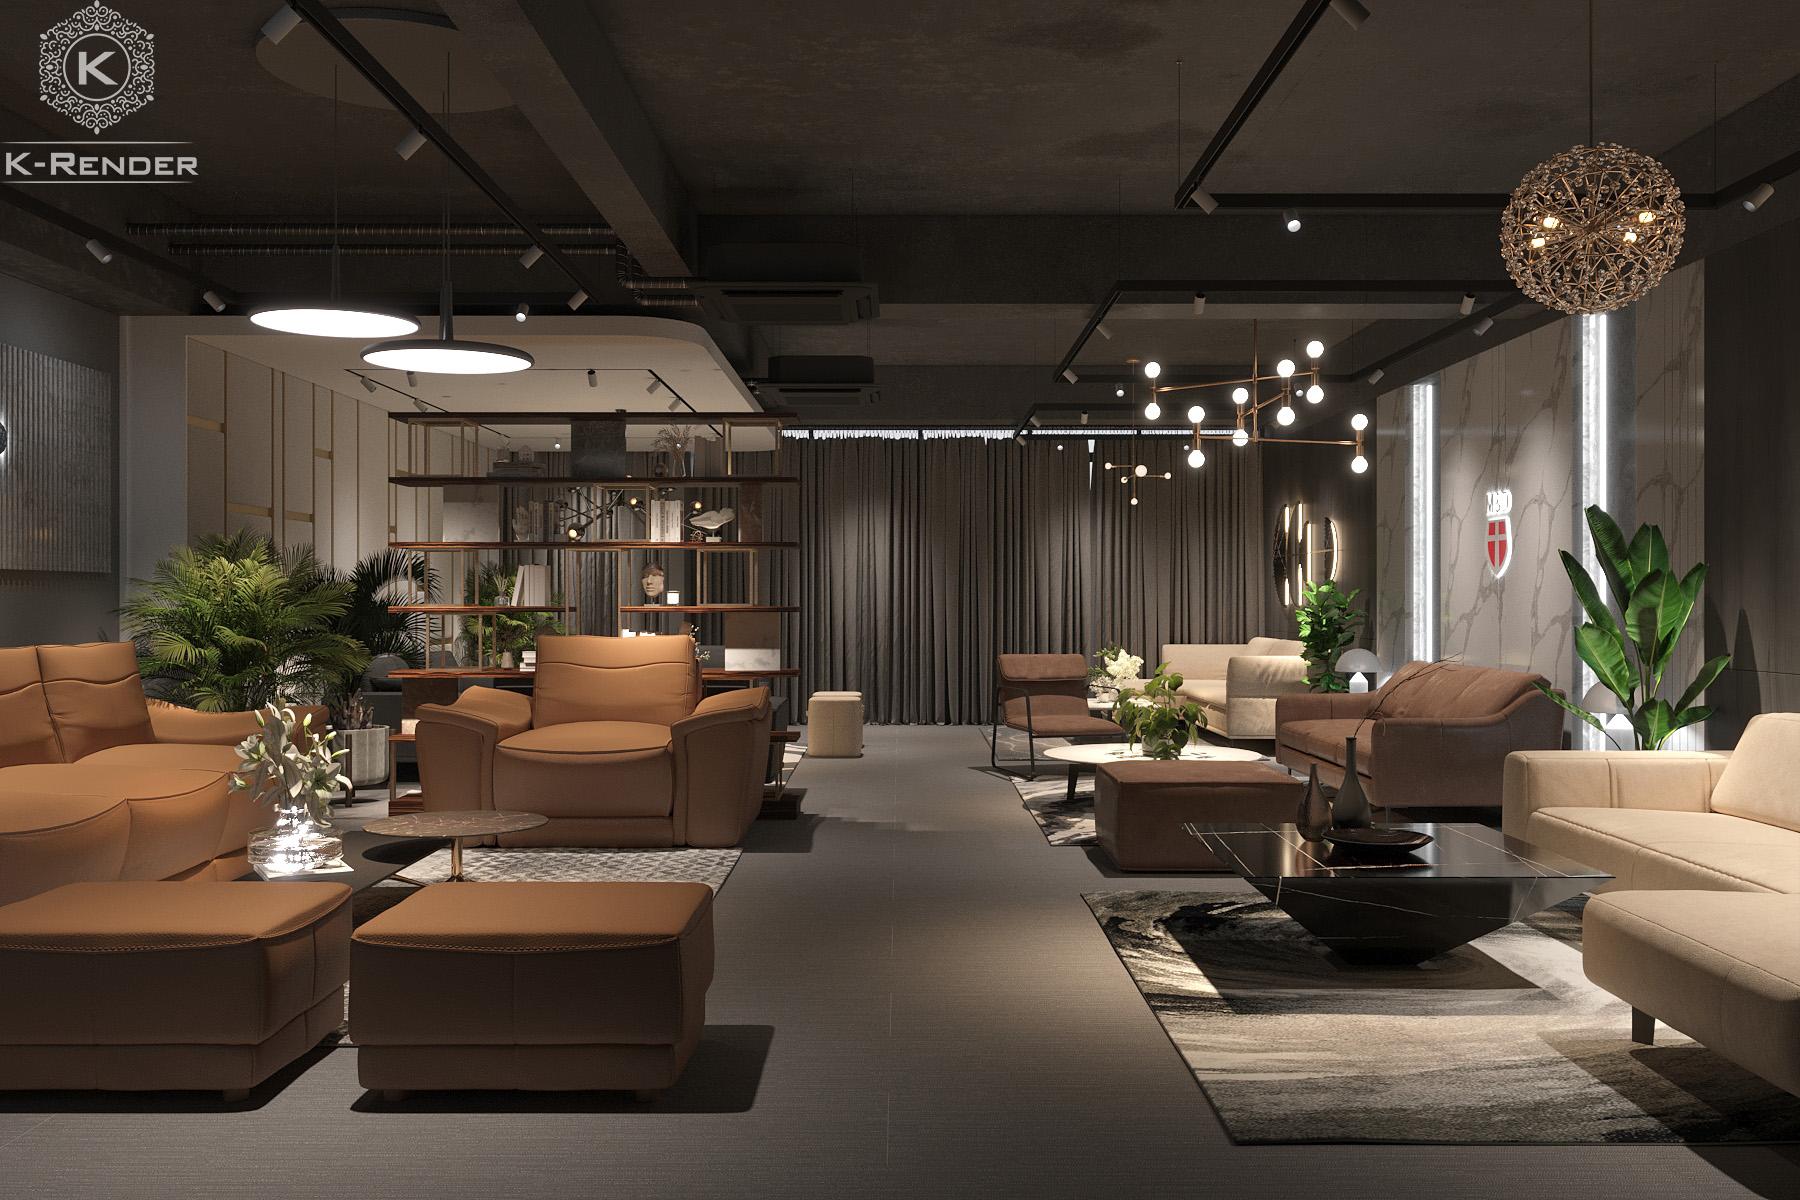 the-new-kenli-showroom-project-by-k-render-studio-1